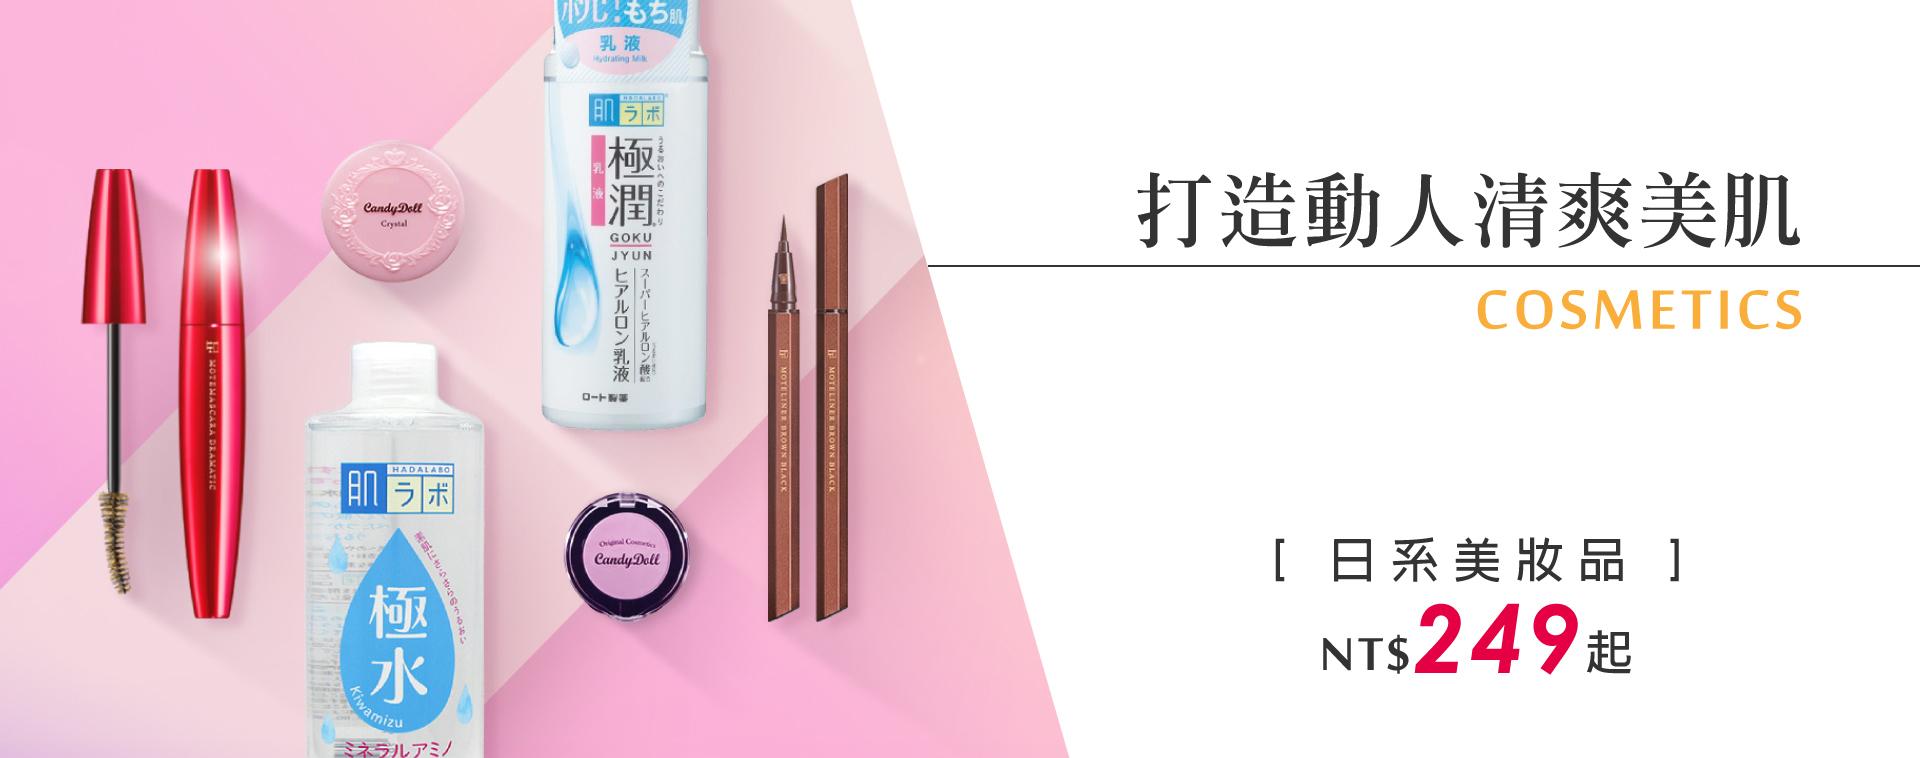 化妝品,MOTE,極水,化妝水,粉餅